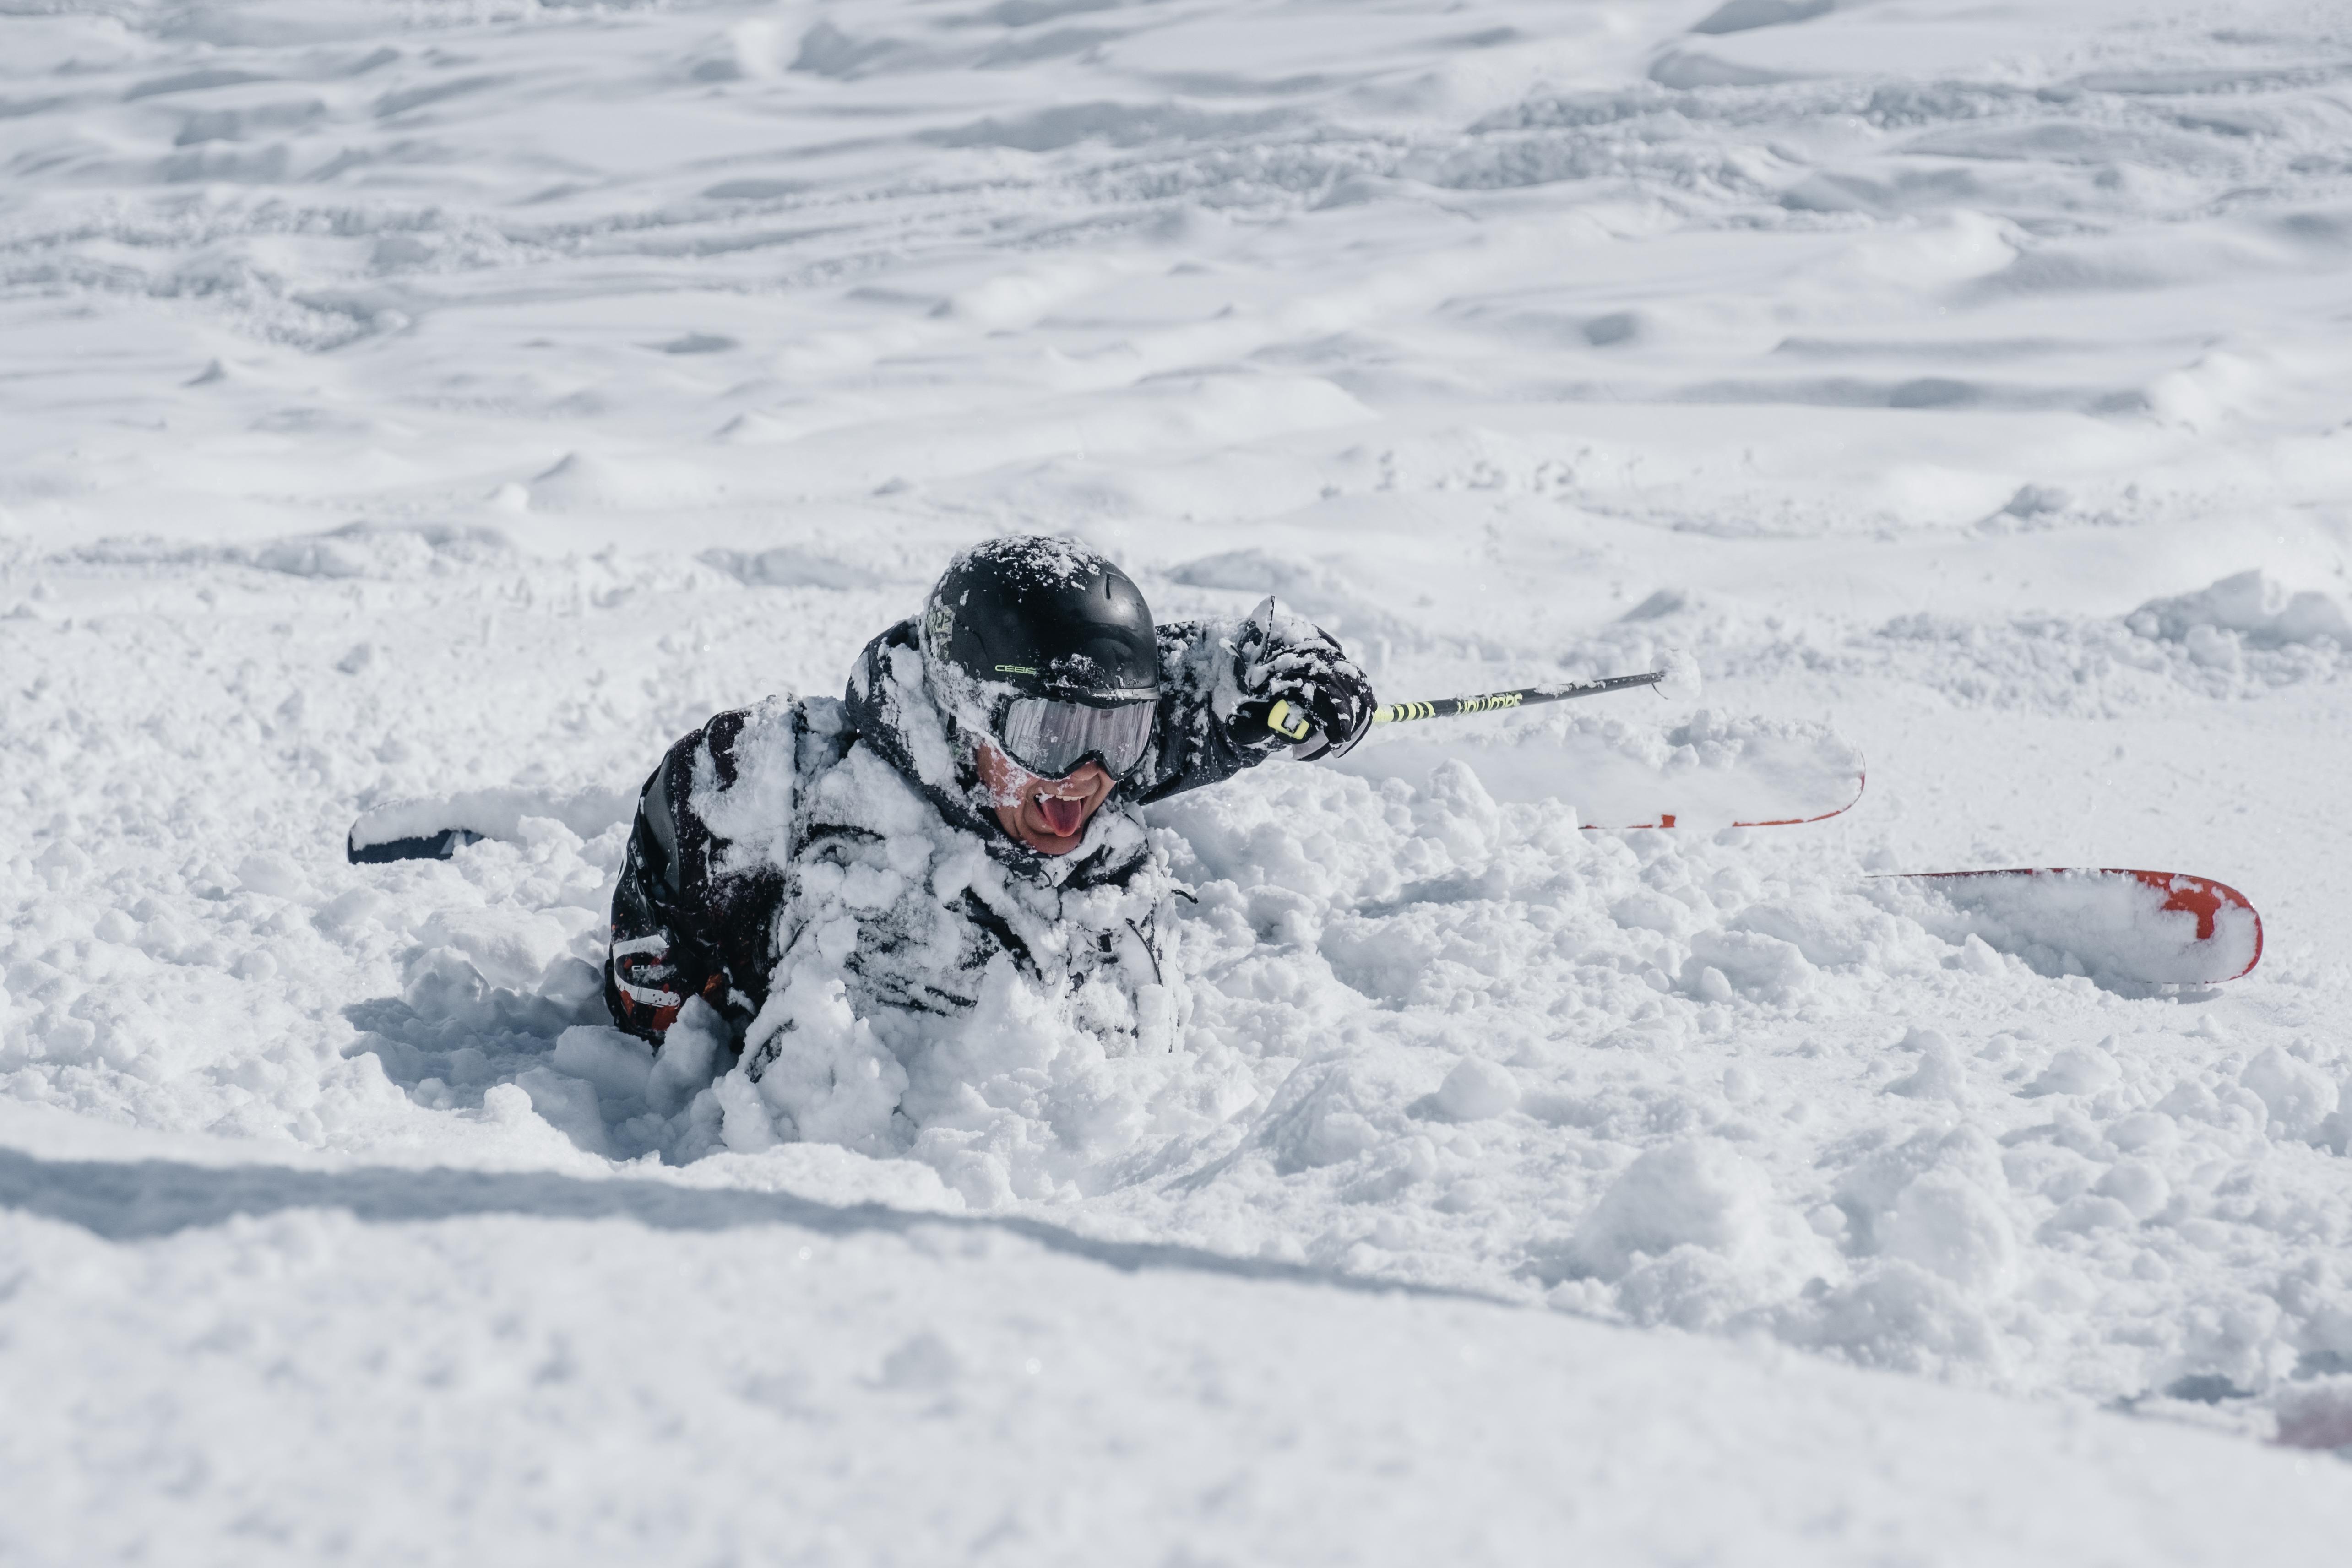 ¿Fin de la temporada de esquí? No sufras: prepara la próxima temporada